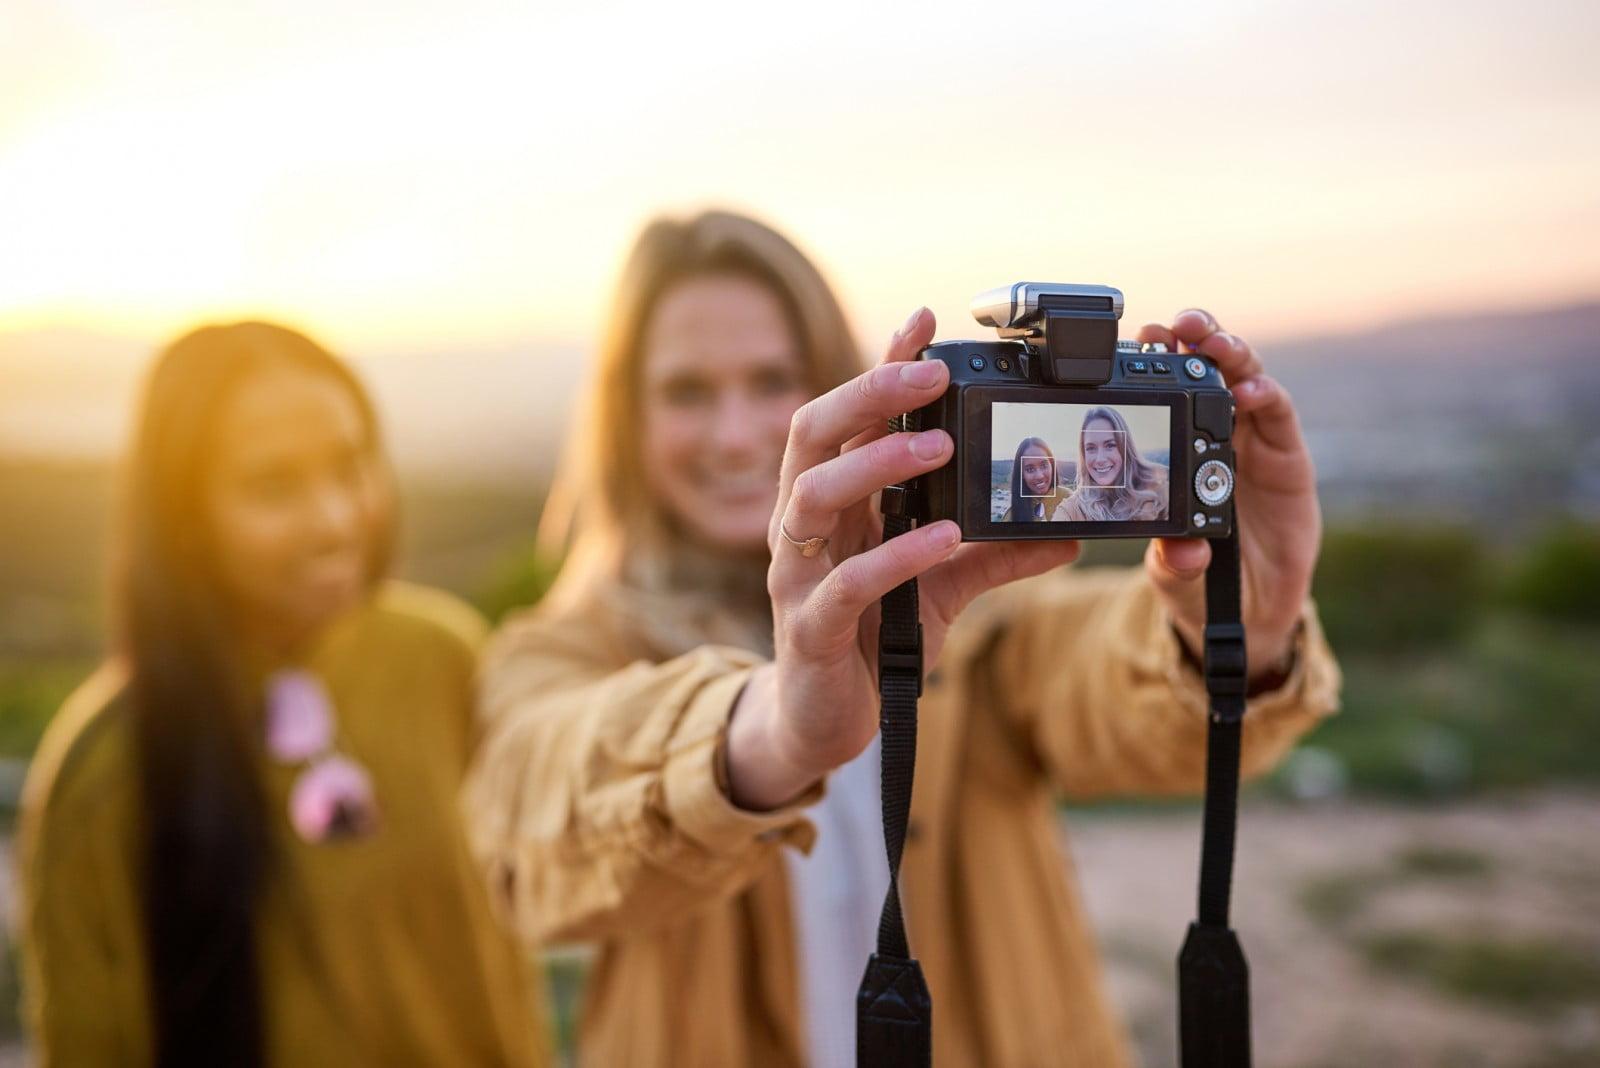 Valigia perfetta per l'Australia: macchina fotografica e chiavetta USB